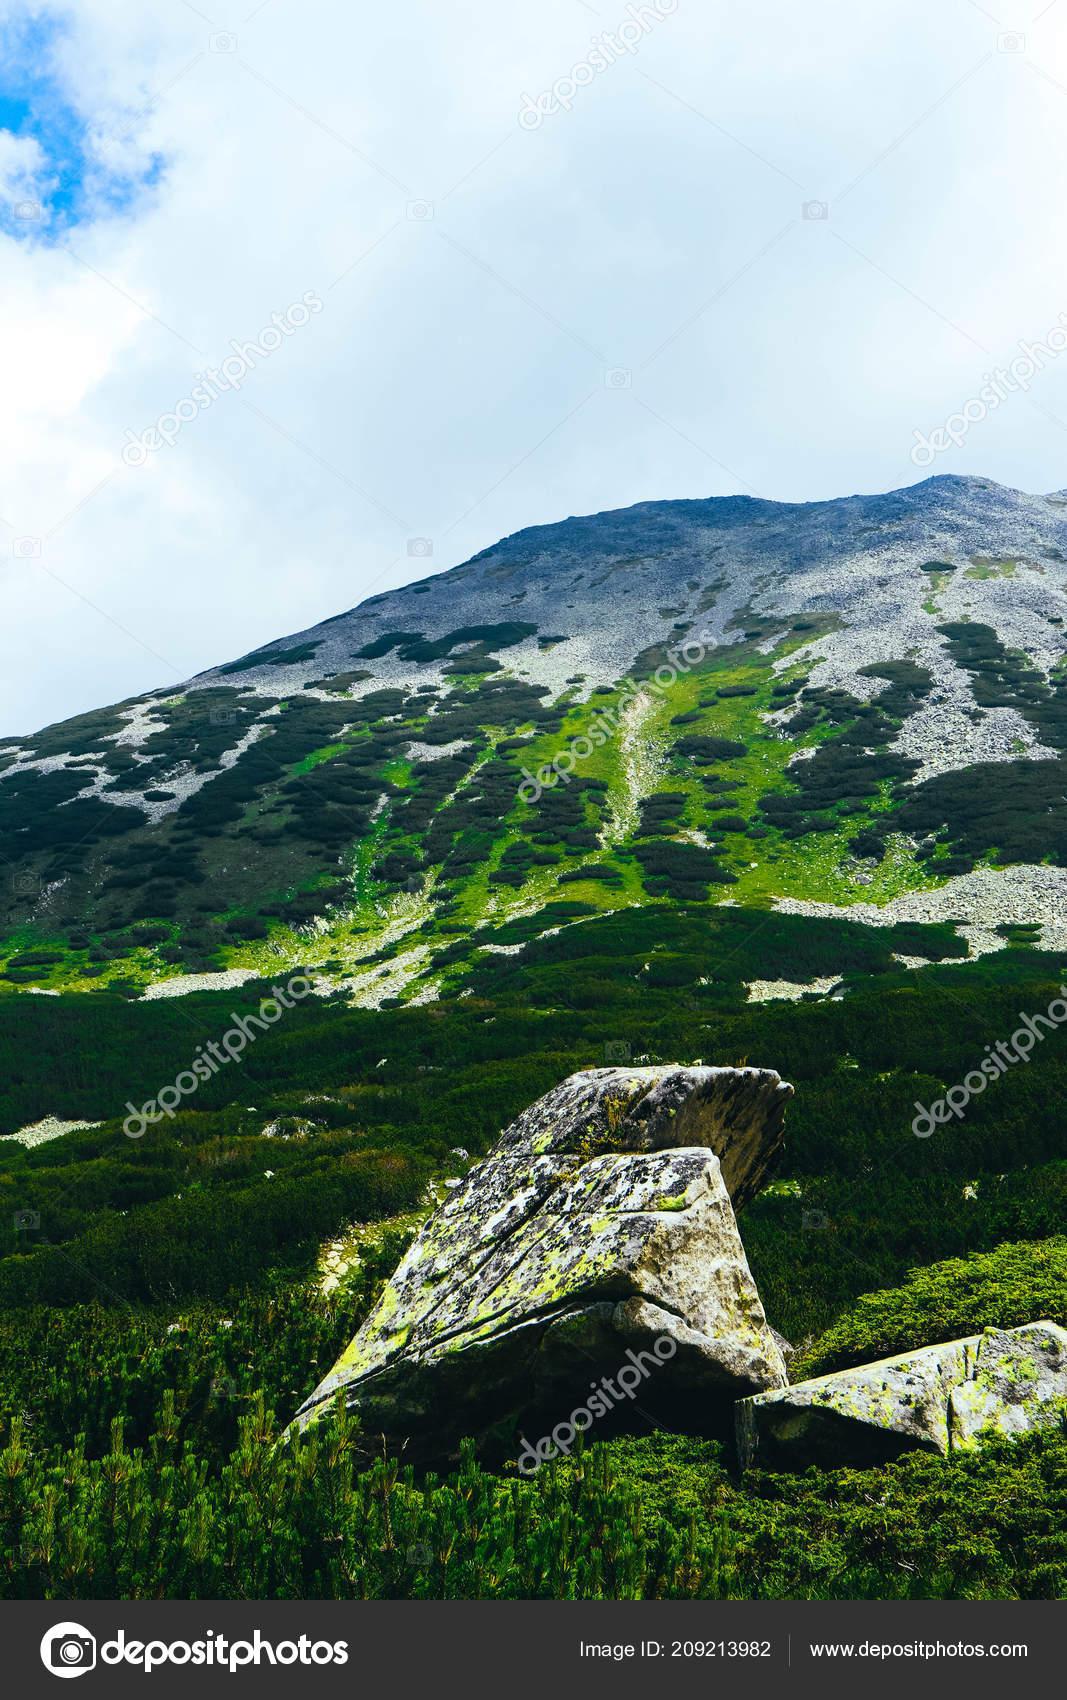 五颜六色的绿苔藓大石头在群山中消失了 神秘森林里的老灰石 — 图库照片#